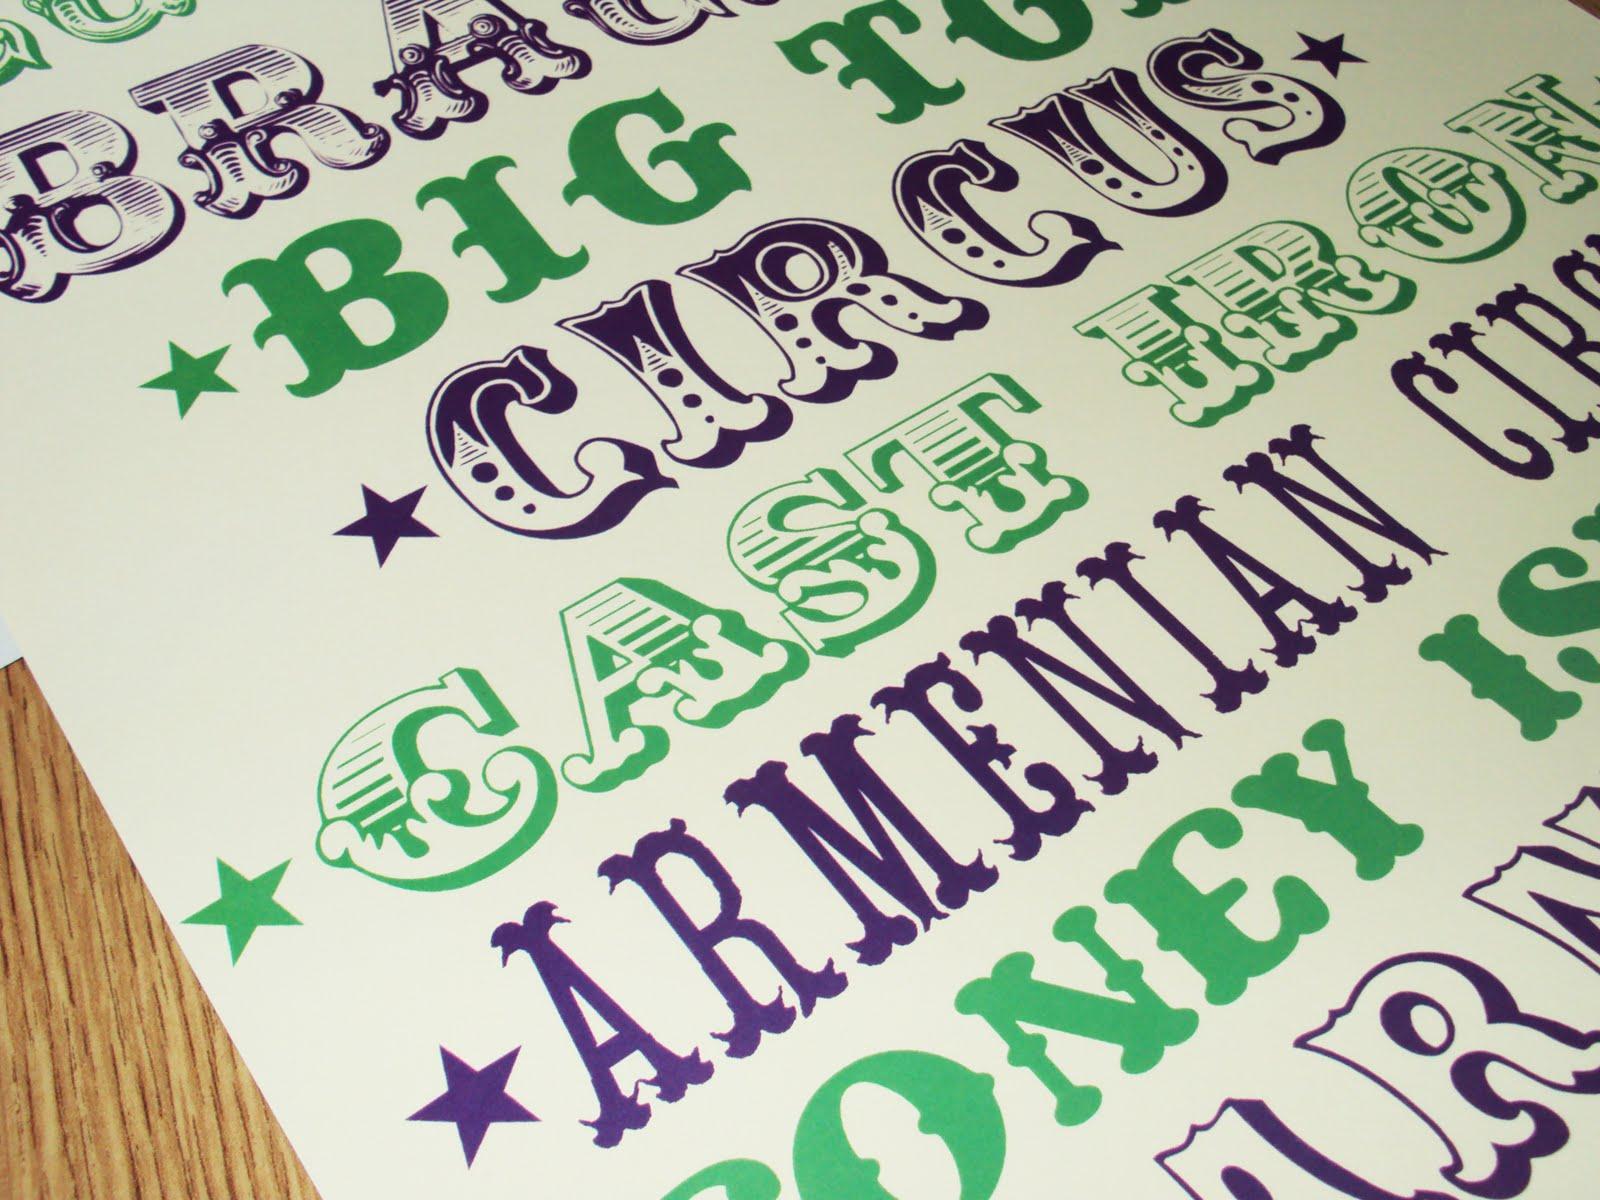 garuff circus fonts again